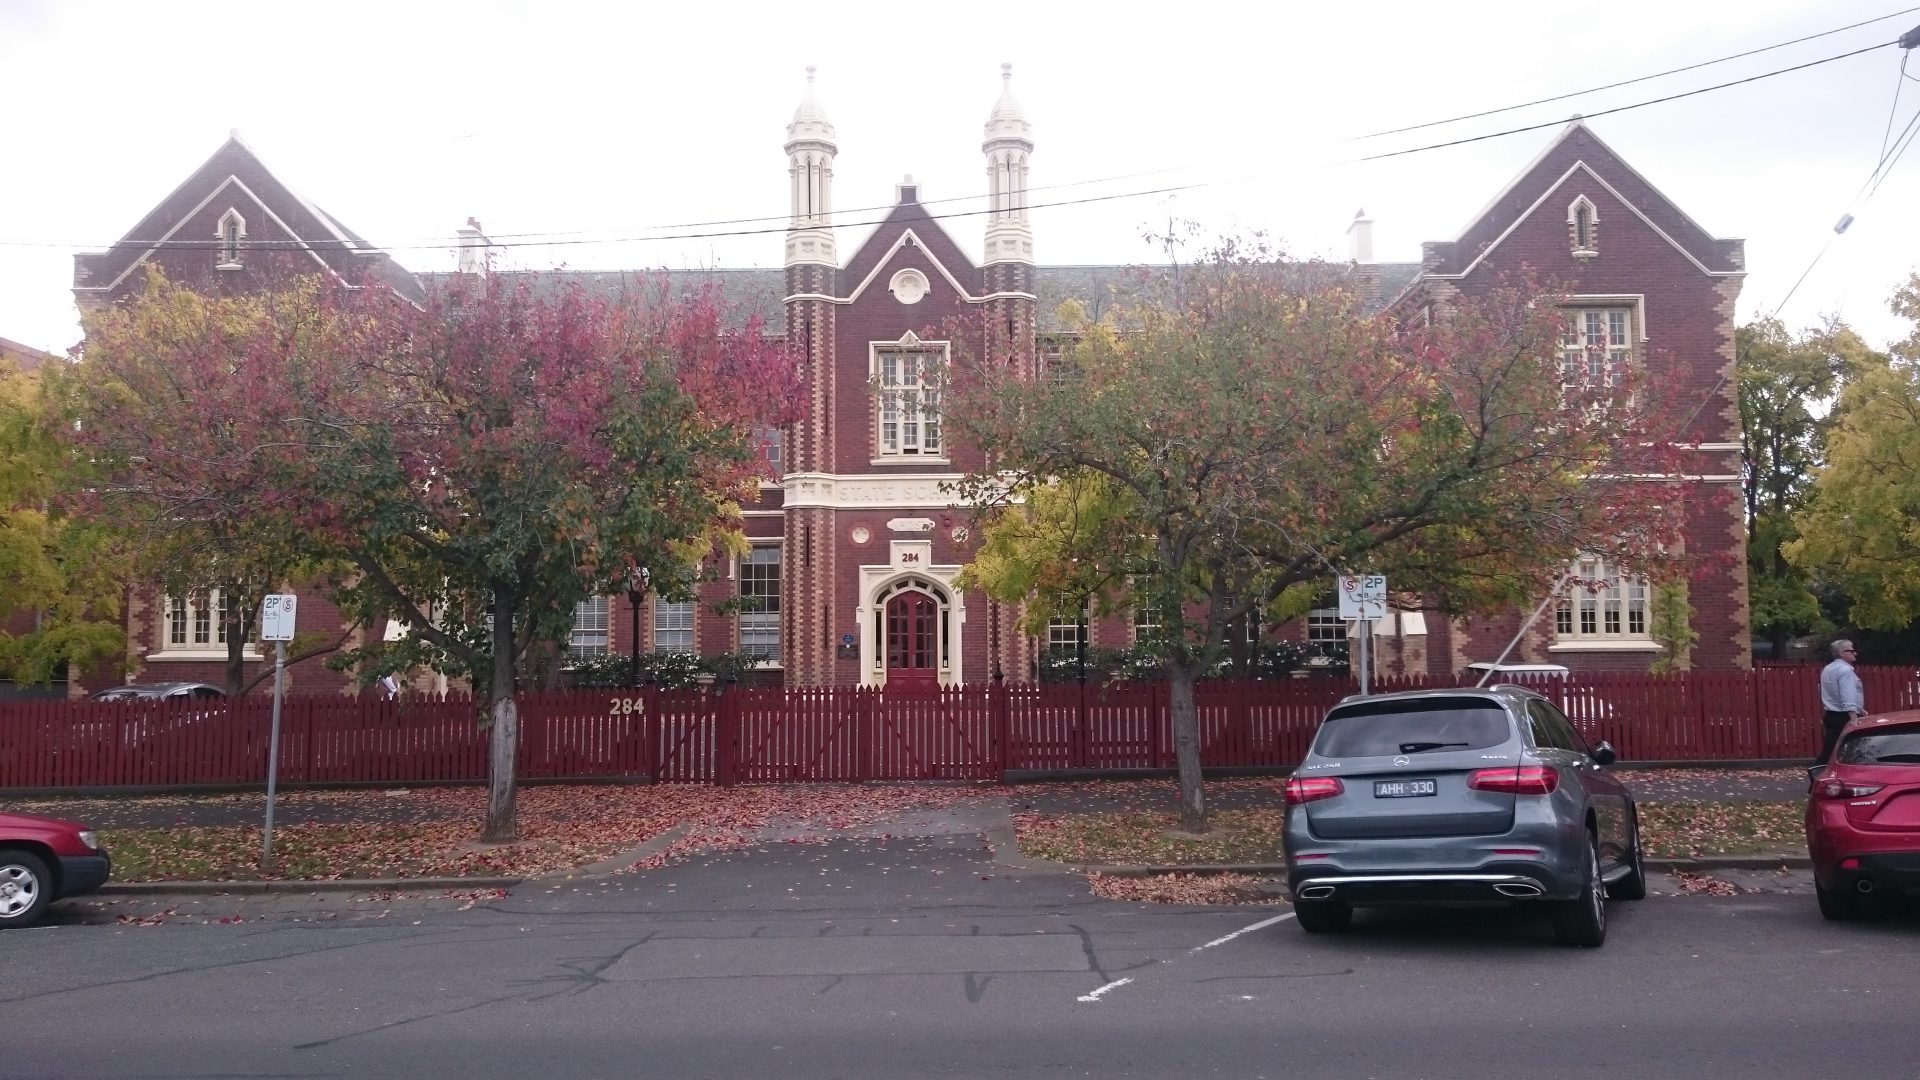 Dorcas Street Primary School